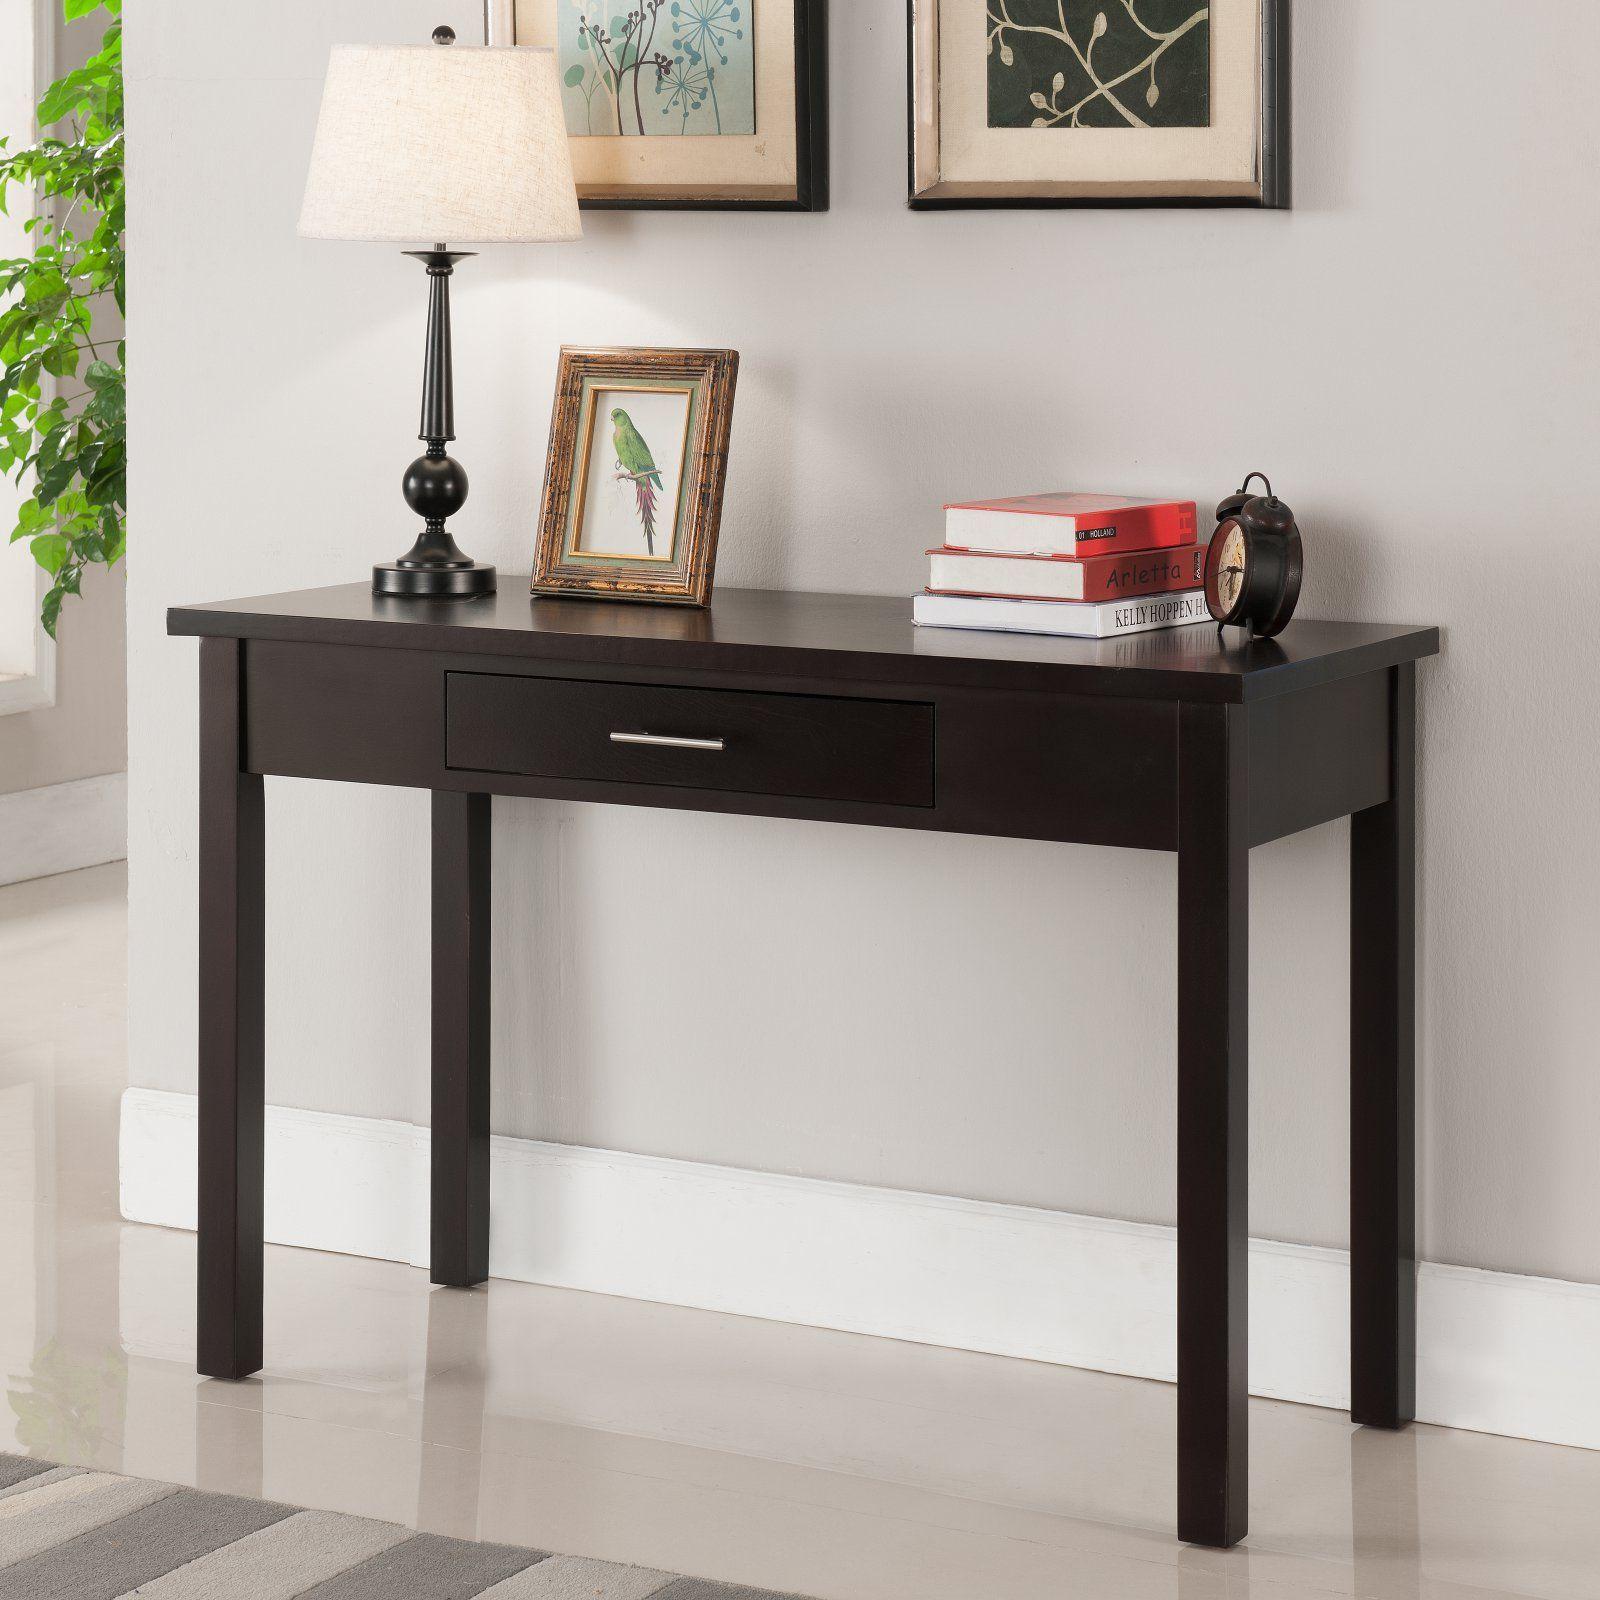 K B Furniture 45 In Desk Furniture Parsons Desk Desk With Drawers